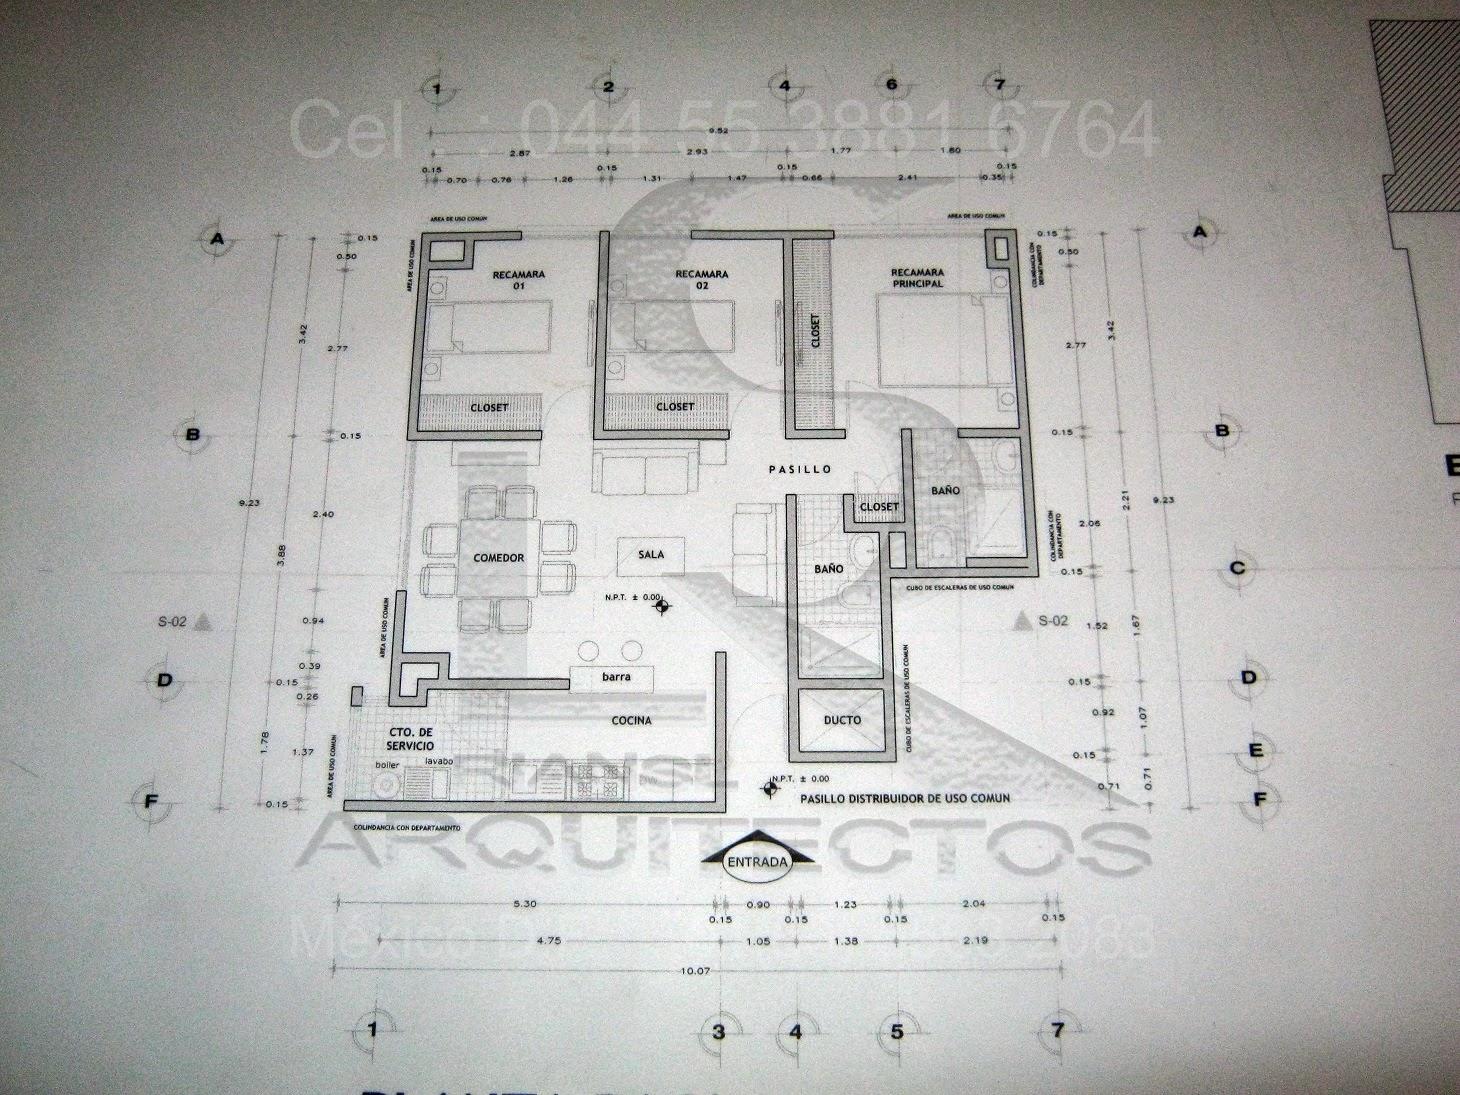 Dibujo de planos arquitect nicos de casa habitaci n en for Planos de casa habitacion